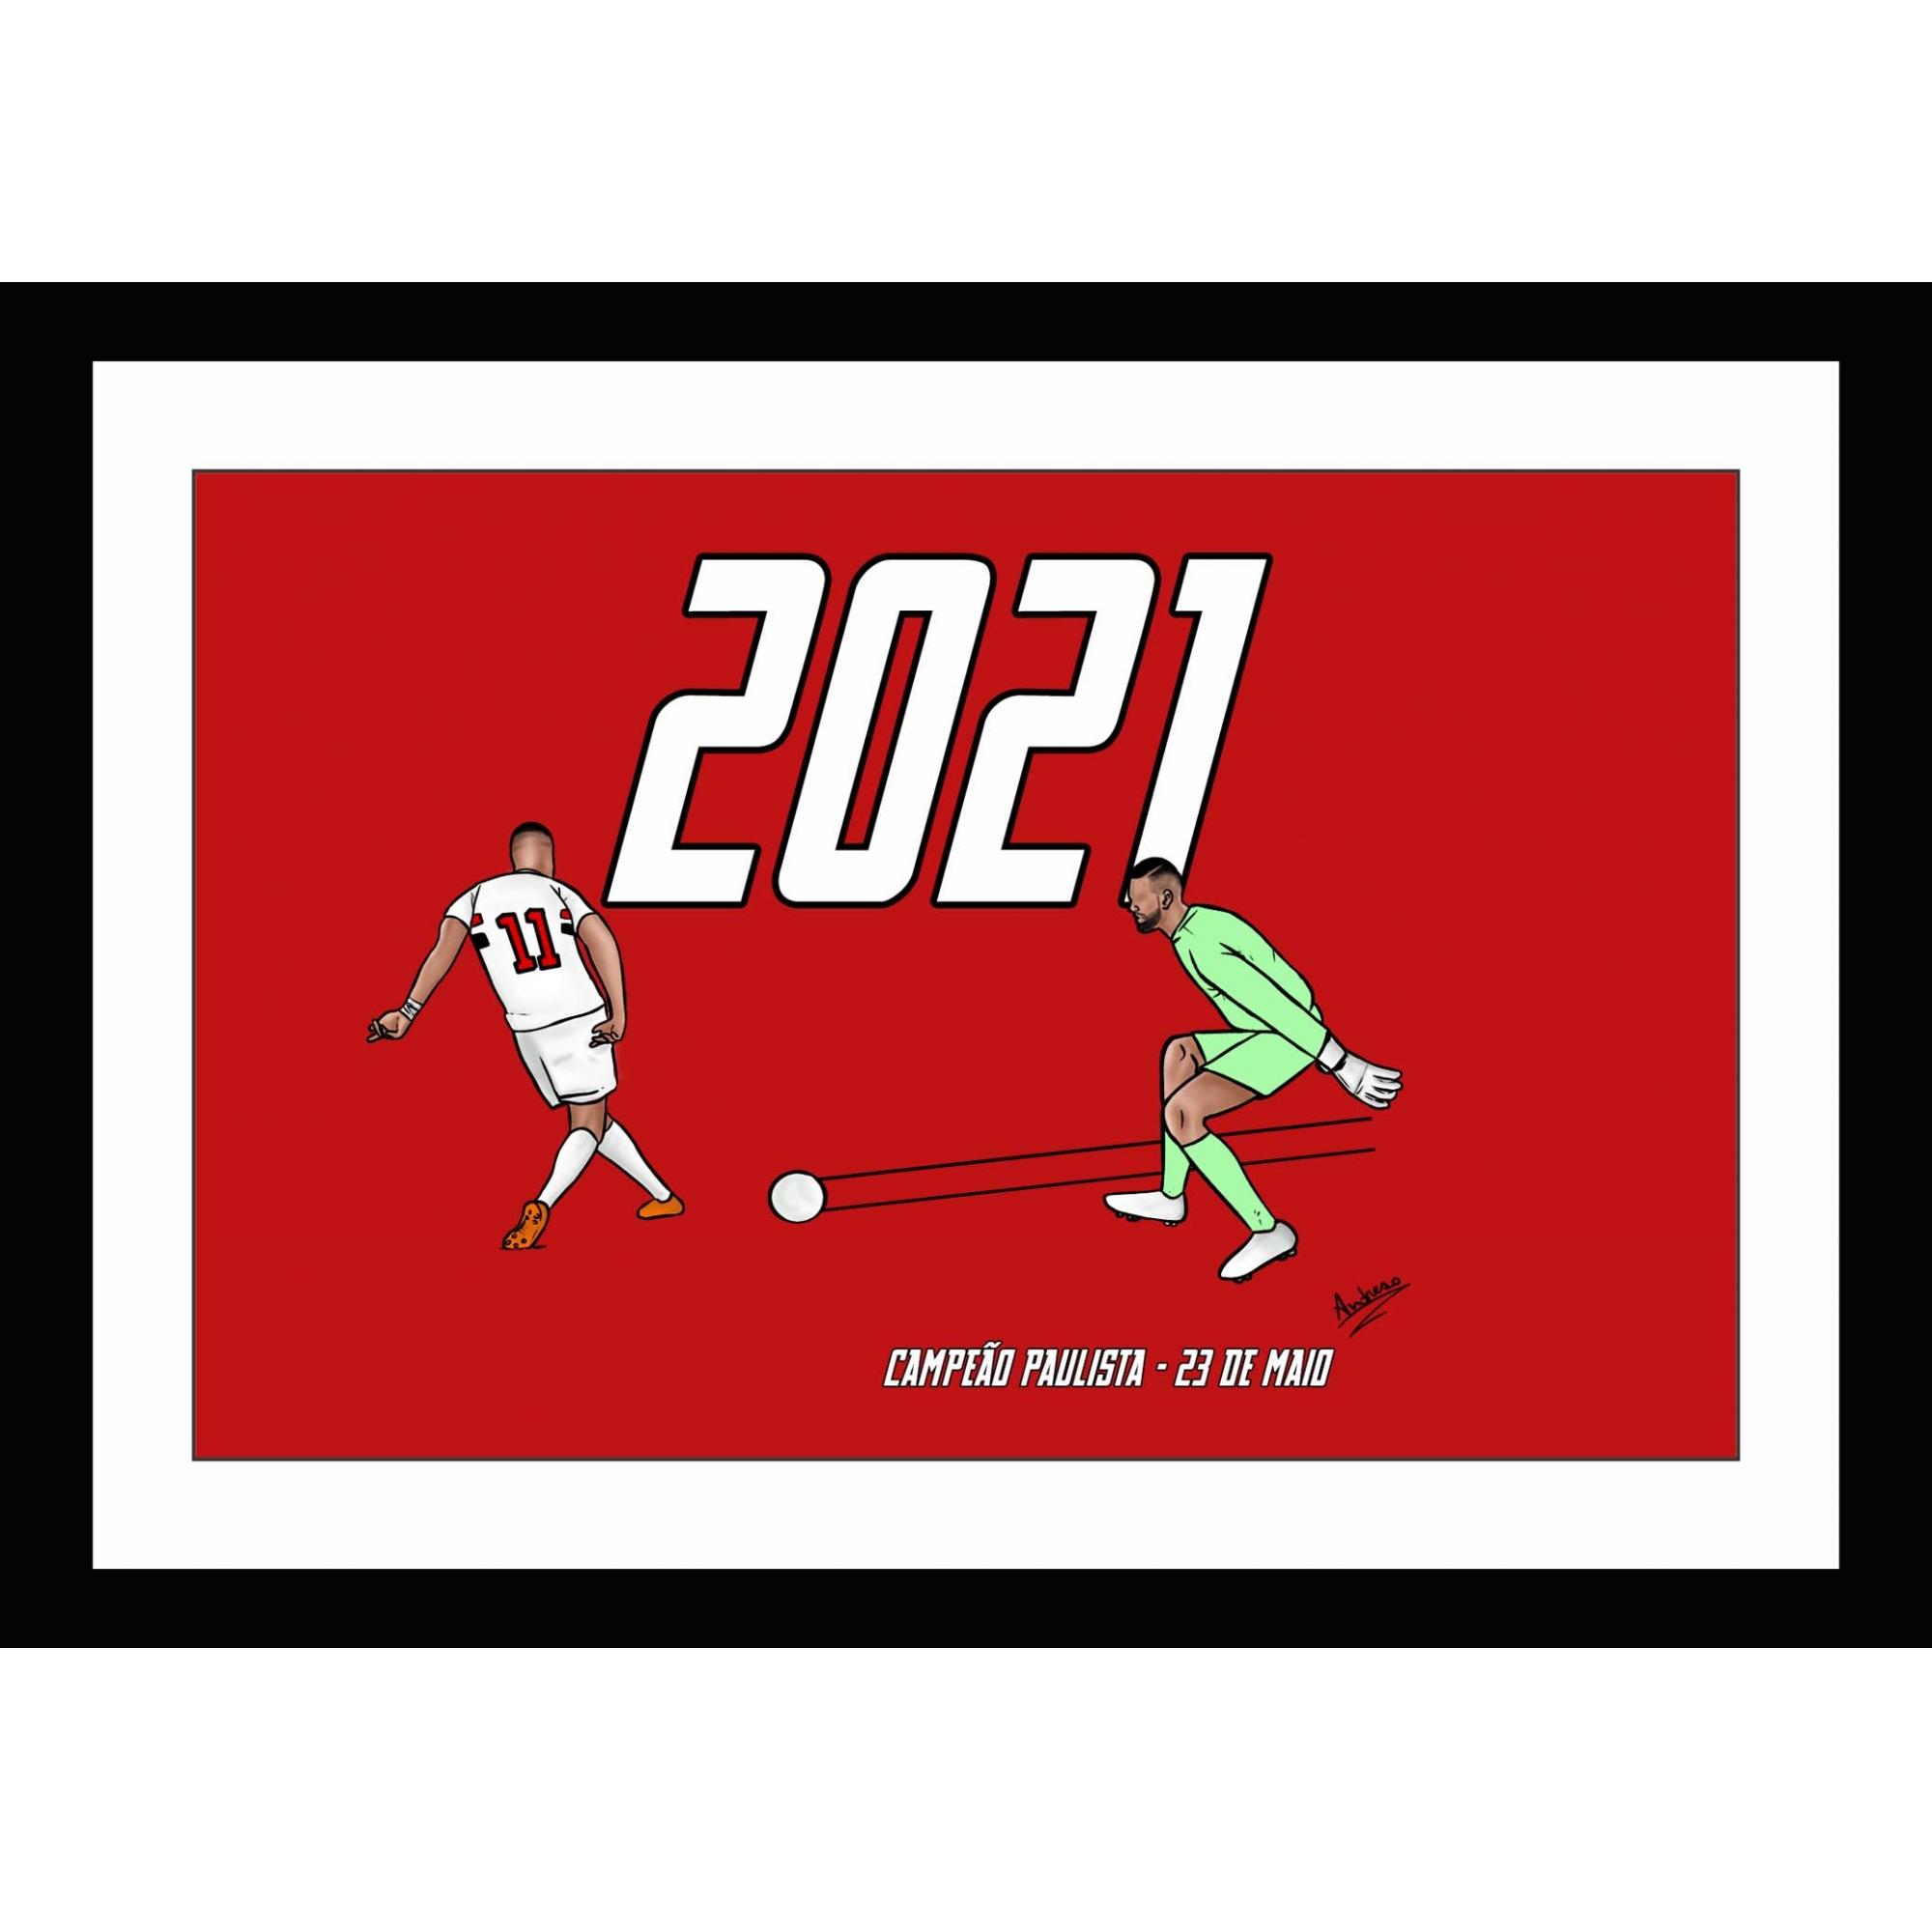 Quadro Renascimento Tricolor Paulistão 2021